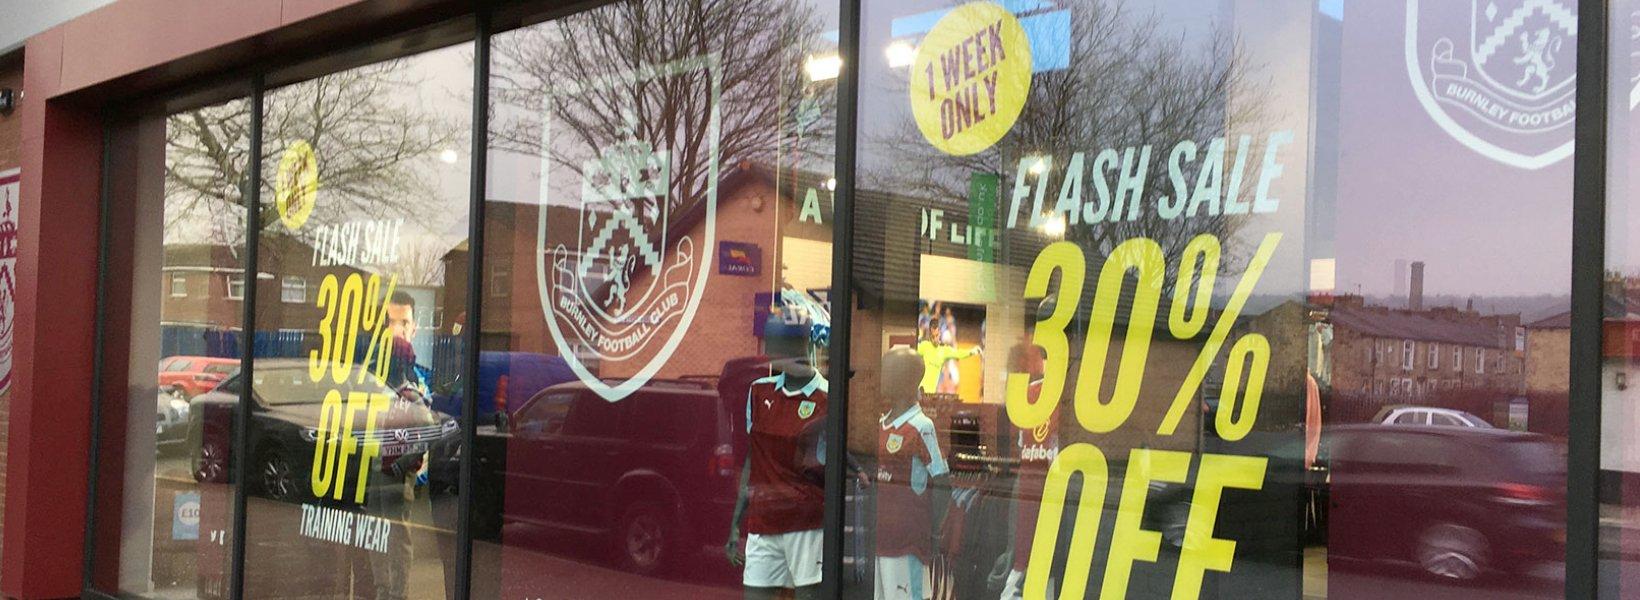 Burnley Football Club Flash Sale